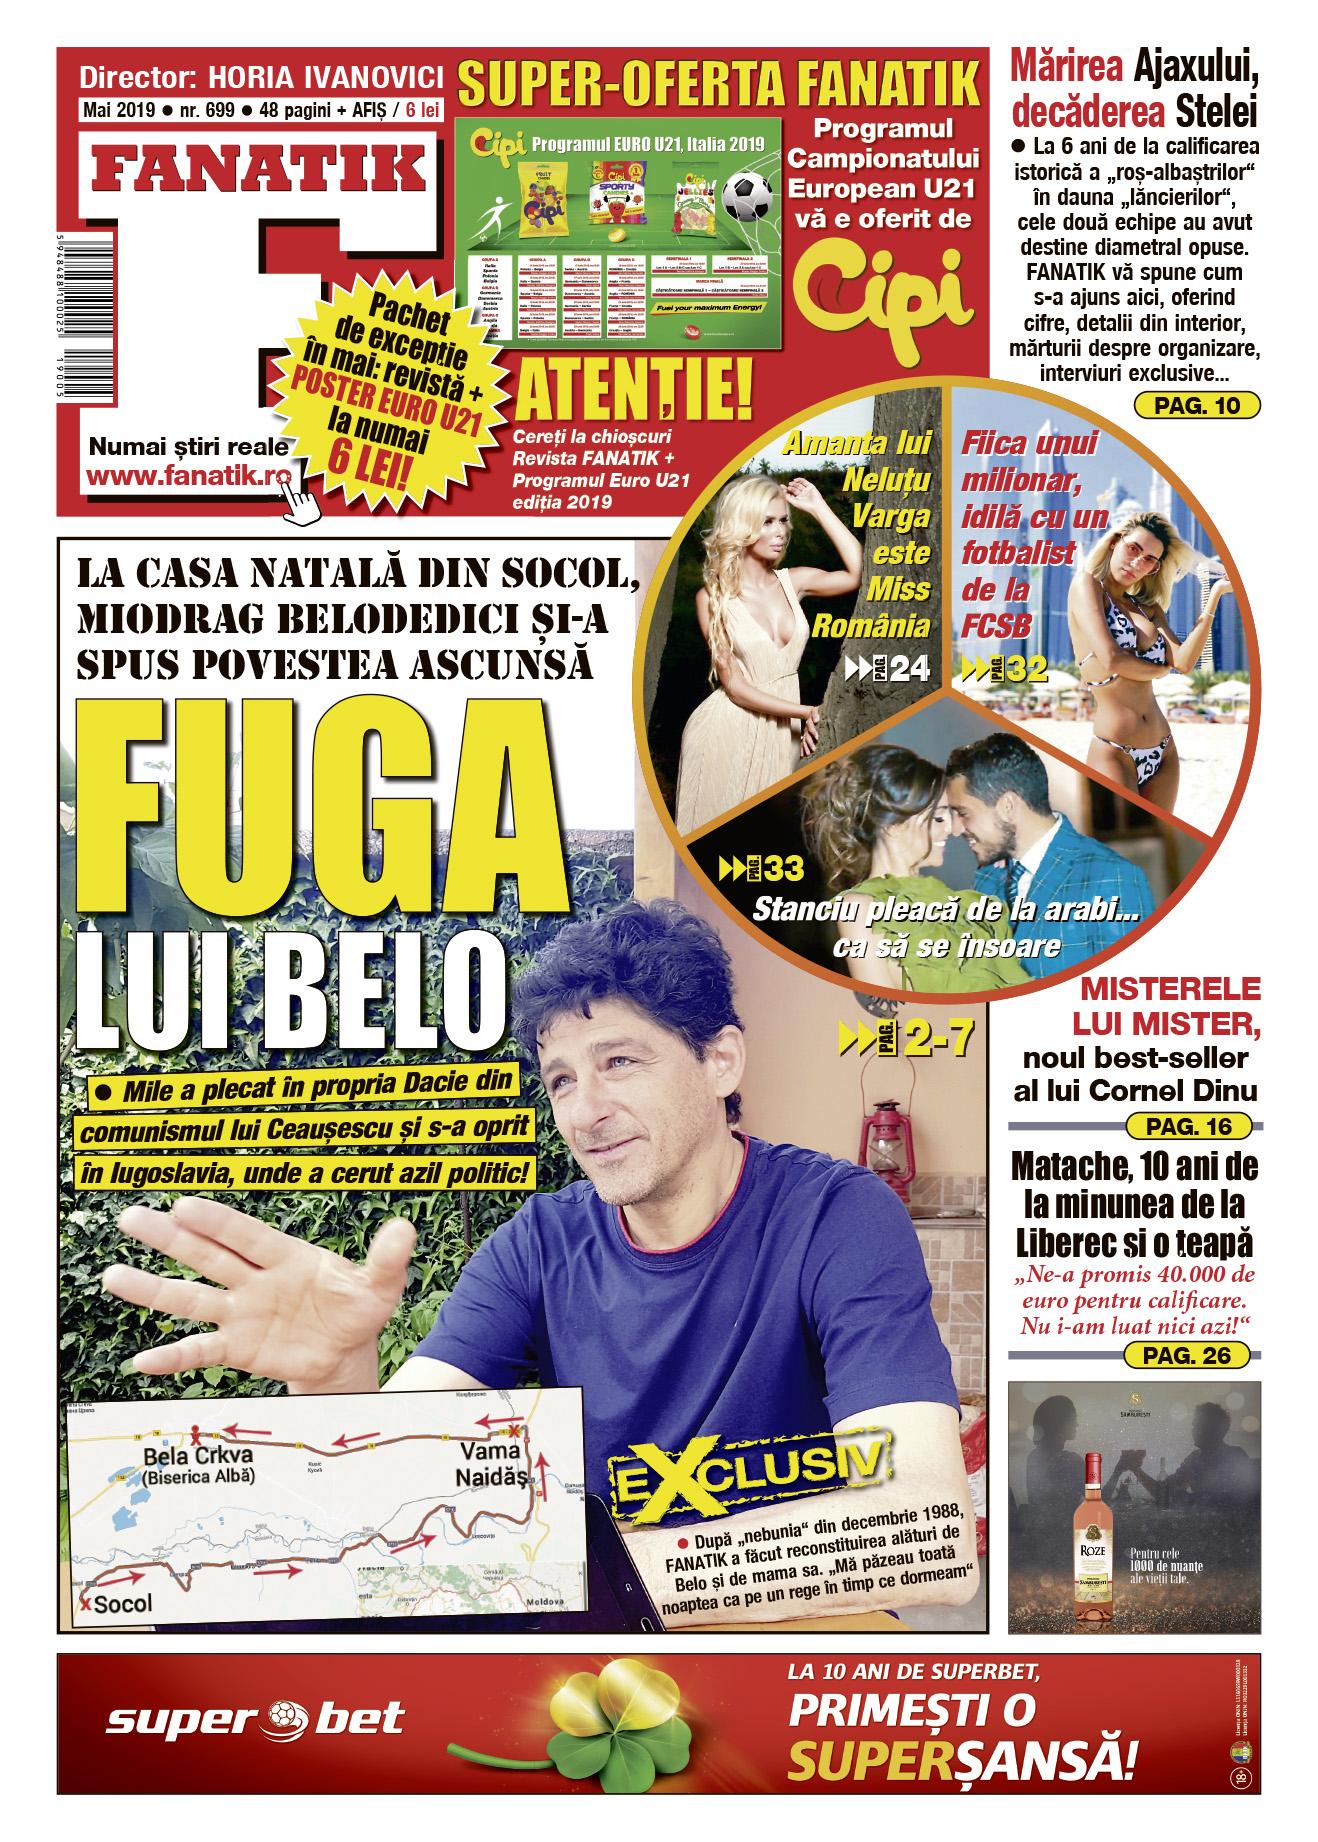 Revista FANATIK de mai vă oferă, ca de obicei, 48 de pagini de subiecte tari, majoritatea în exclusivitate. Plus un poster cu programul CE U21! De vineri, 24 mai, la toate chioșcurile de difuzare a presei!